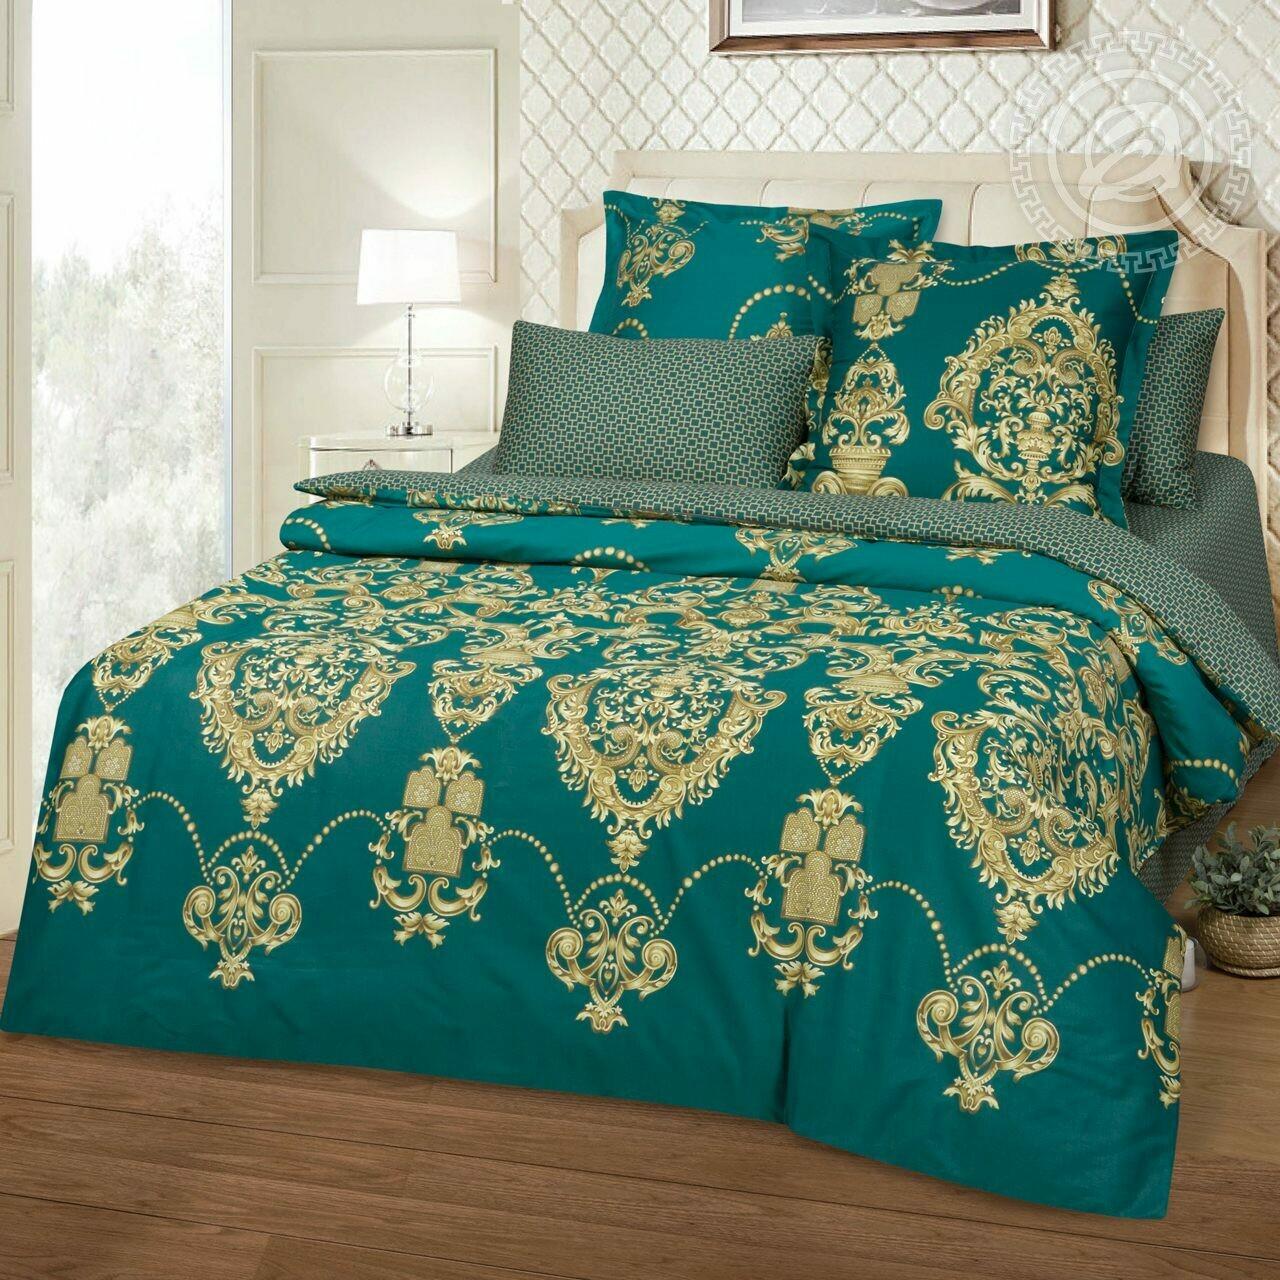 Комплект постельного белья из сатина Империя